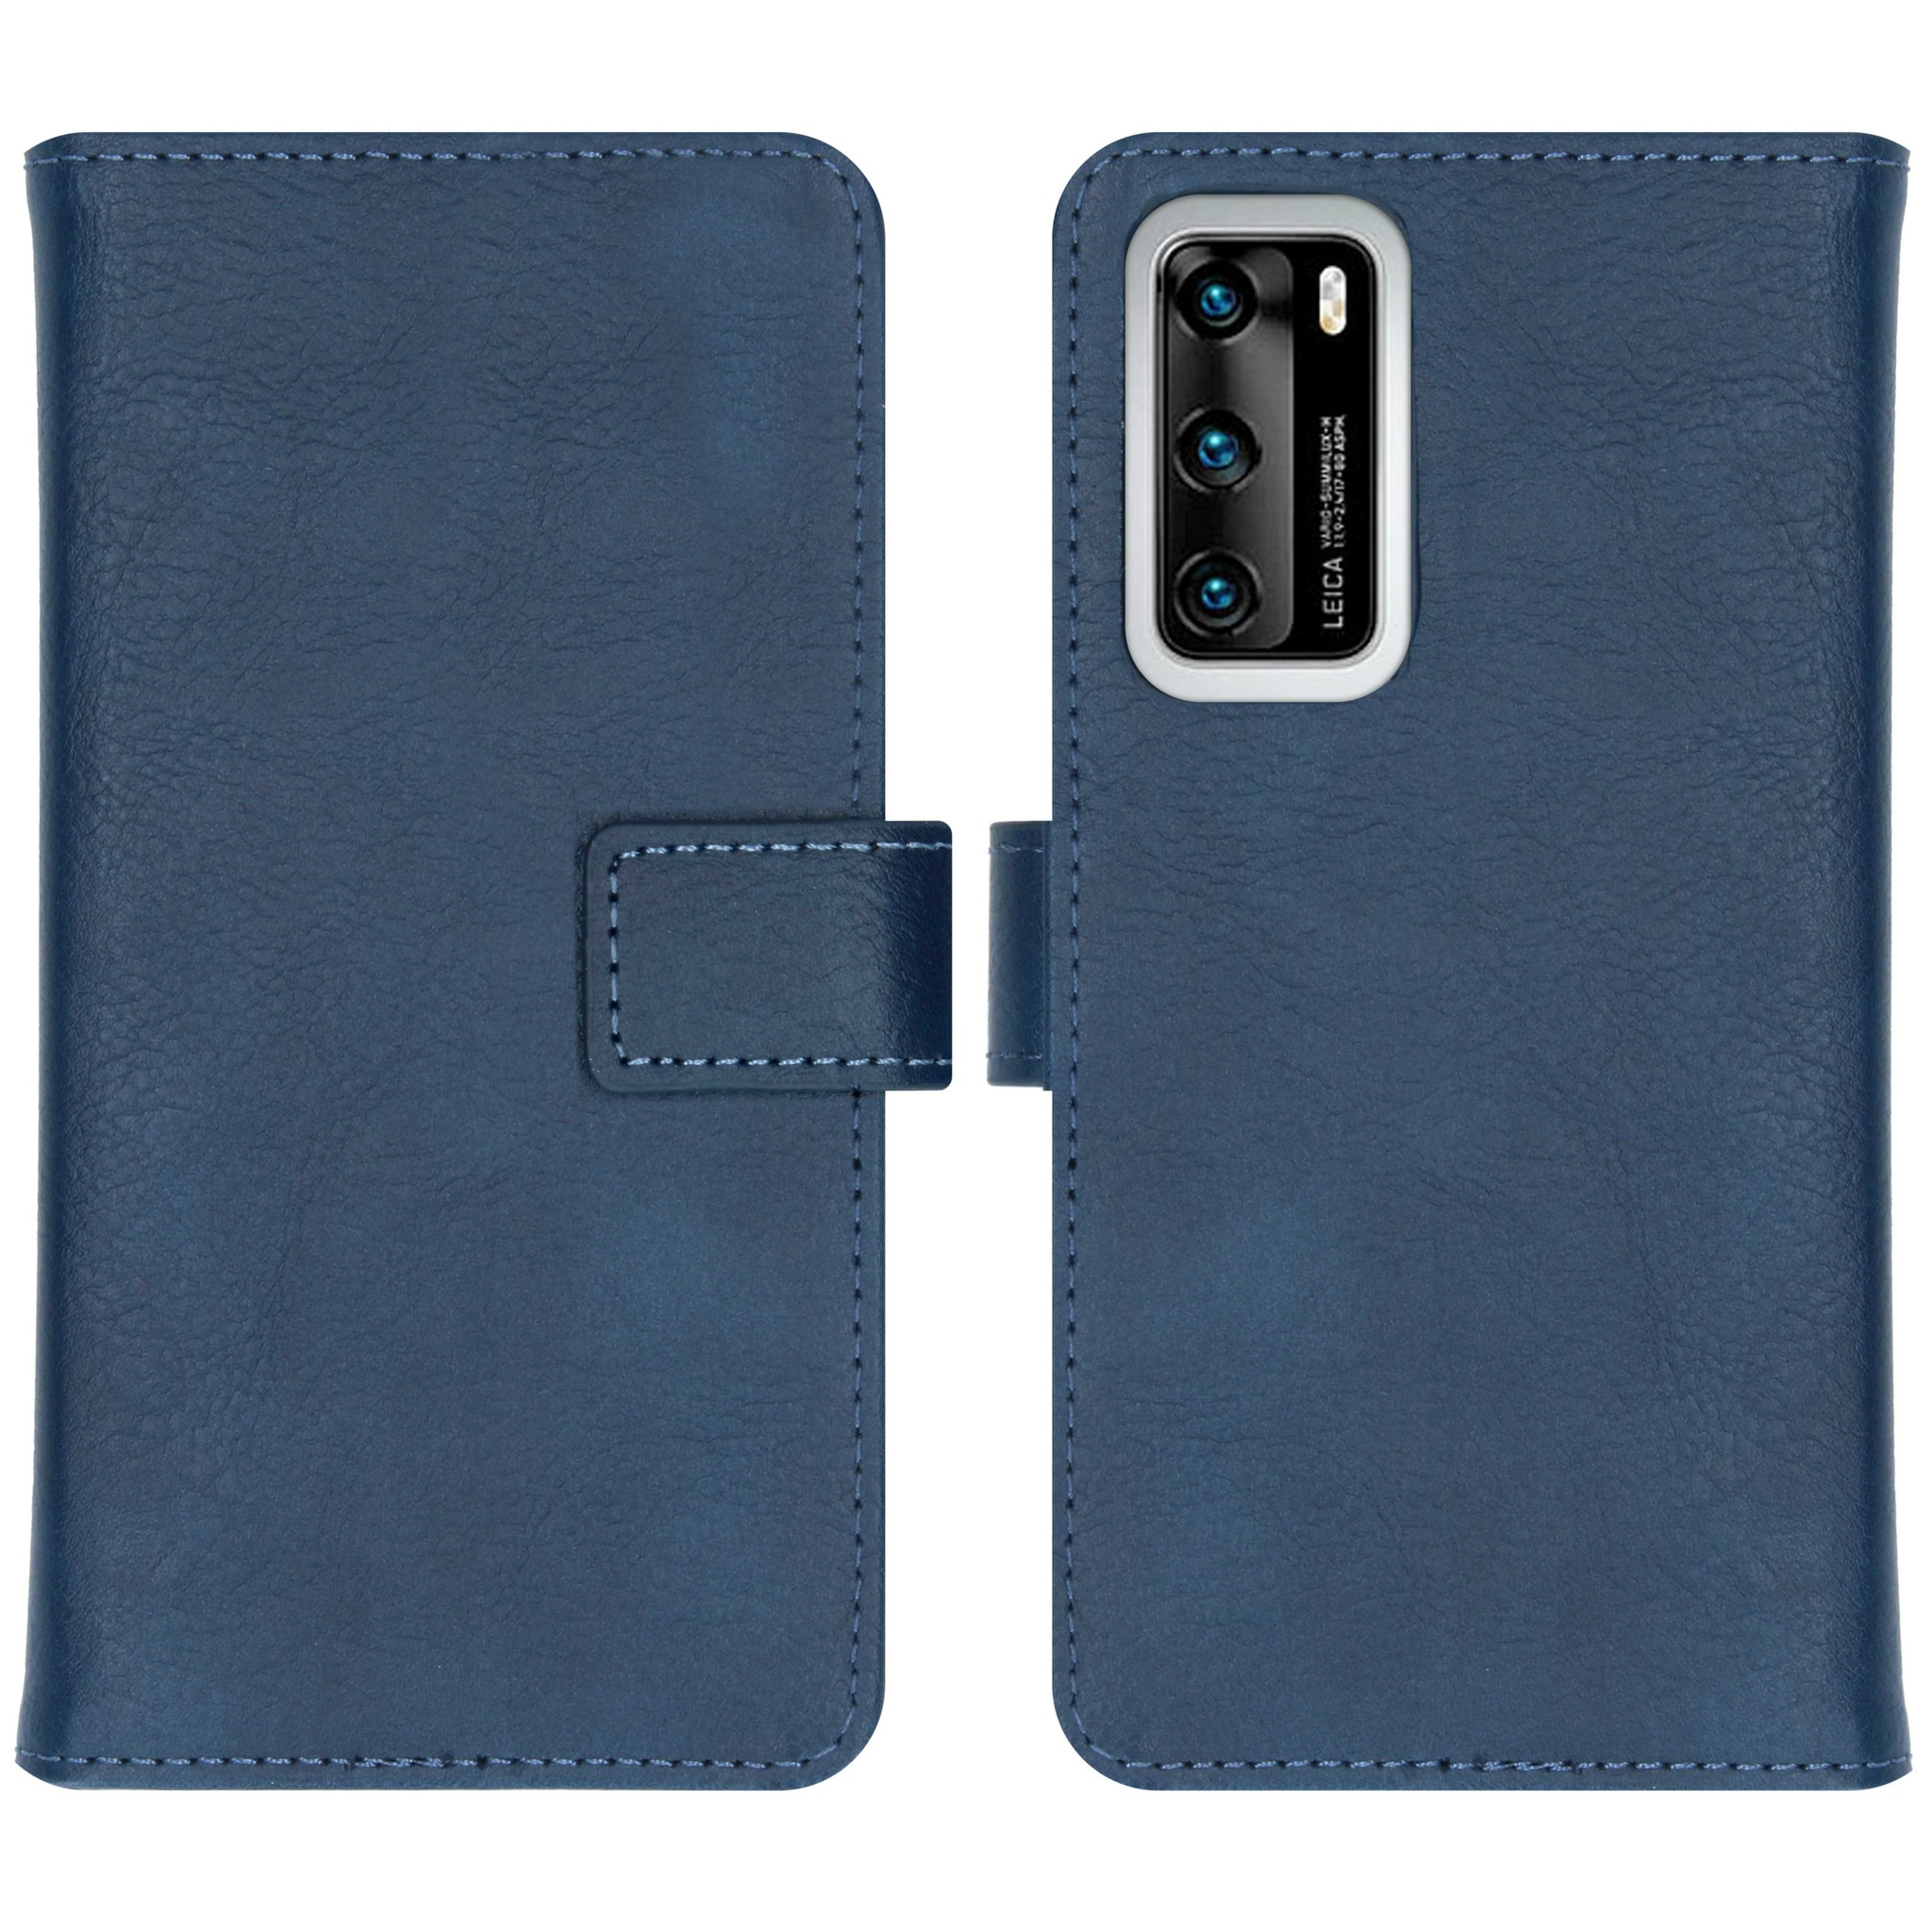 iMoshion Étui de téléphone portefeuille Luxe Huawei P40 - Bleu foncé